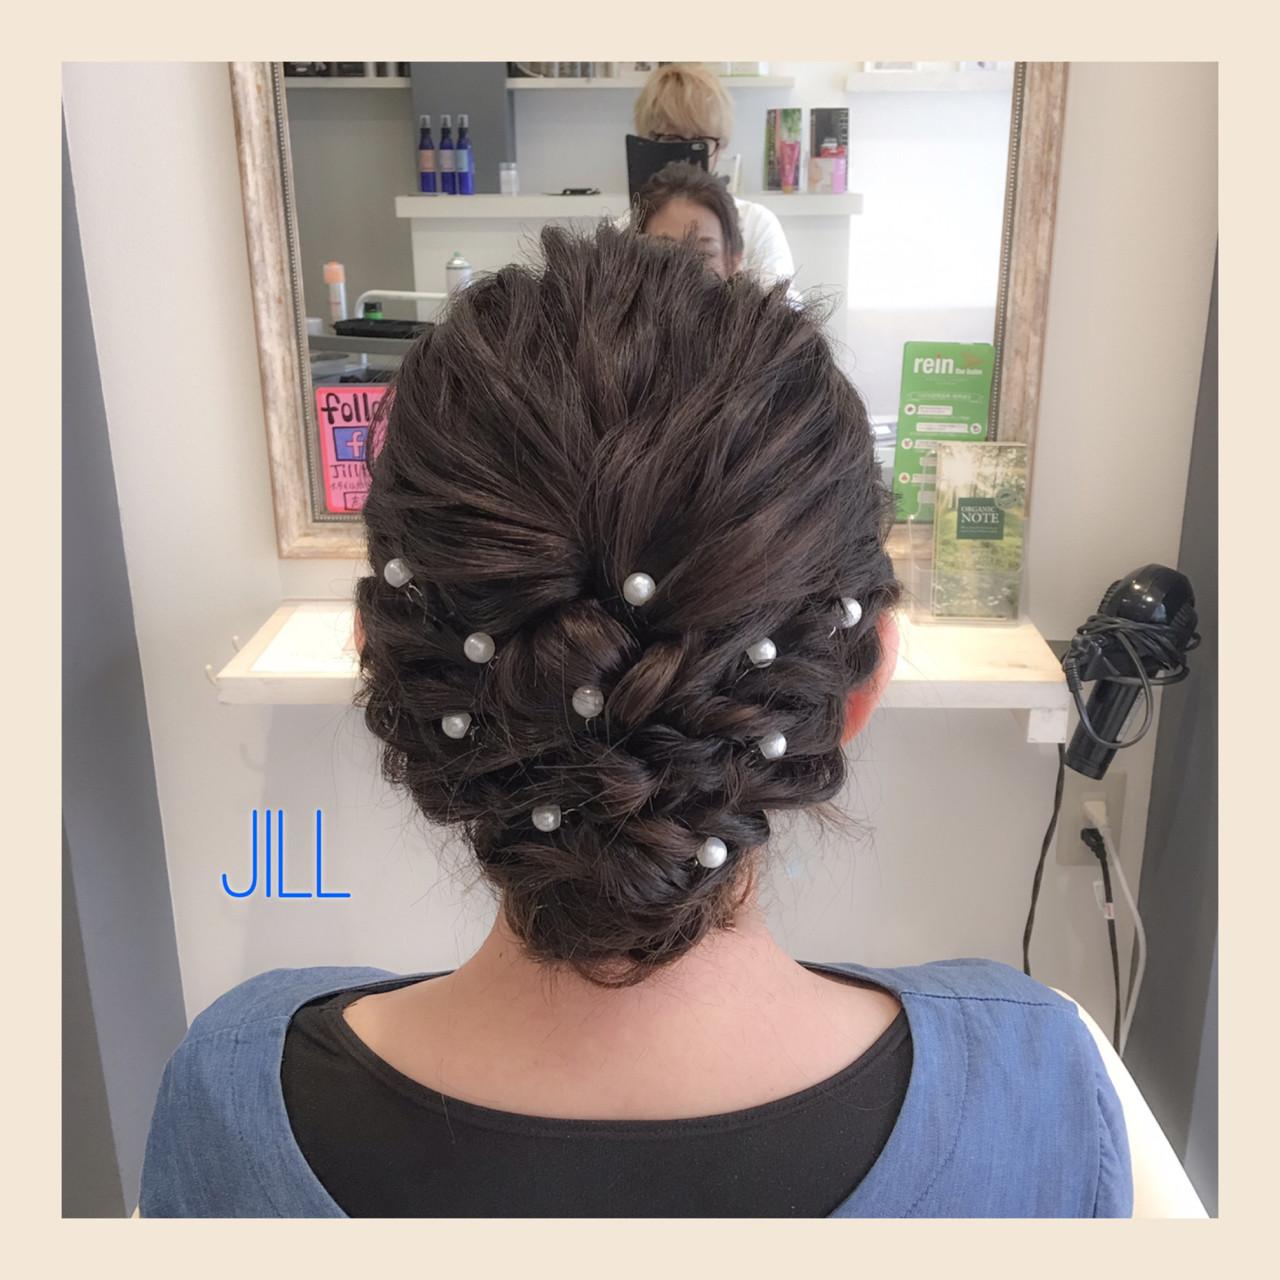 パーティ ヘアピン ショート パールアクセ ヘアスタイルや髪型の写真・画像 | 花房 佑典 / Jill / Hair Design Jill